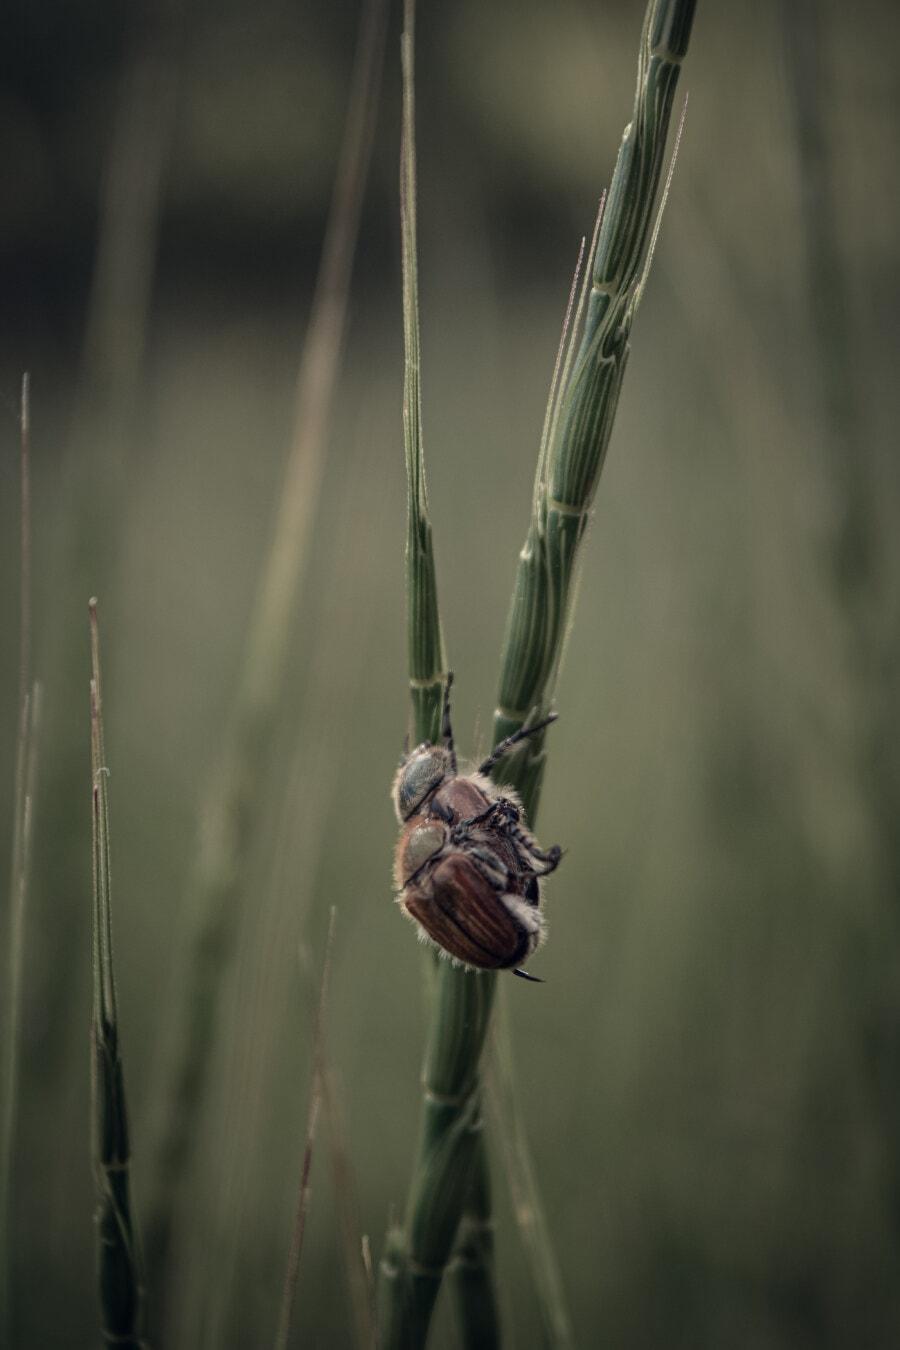 Stamm, Käfer, Gras, Fehler, aus nächster Nähe, Insekt, Gliederfüßer, Natur, Tierwelt, im freien